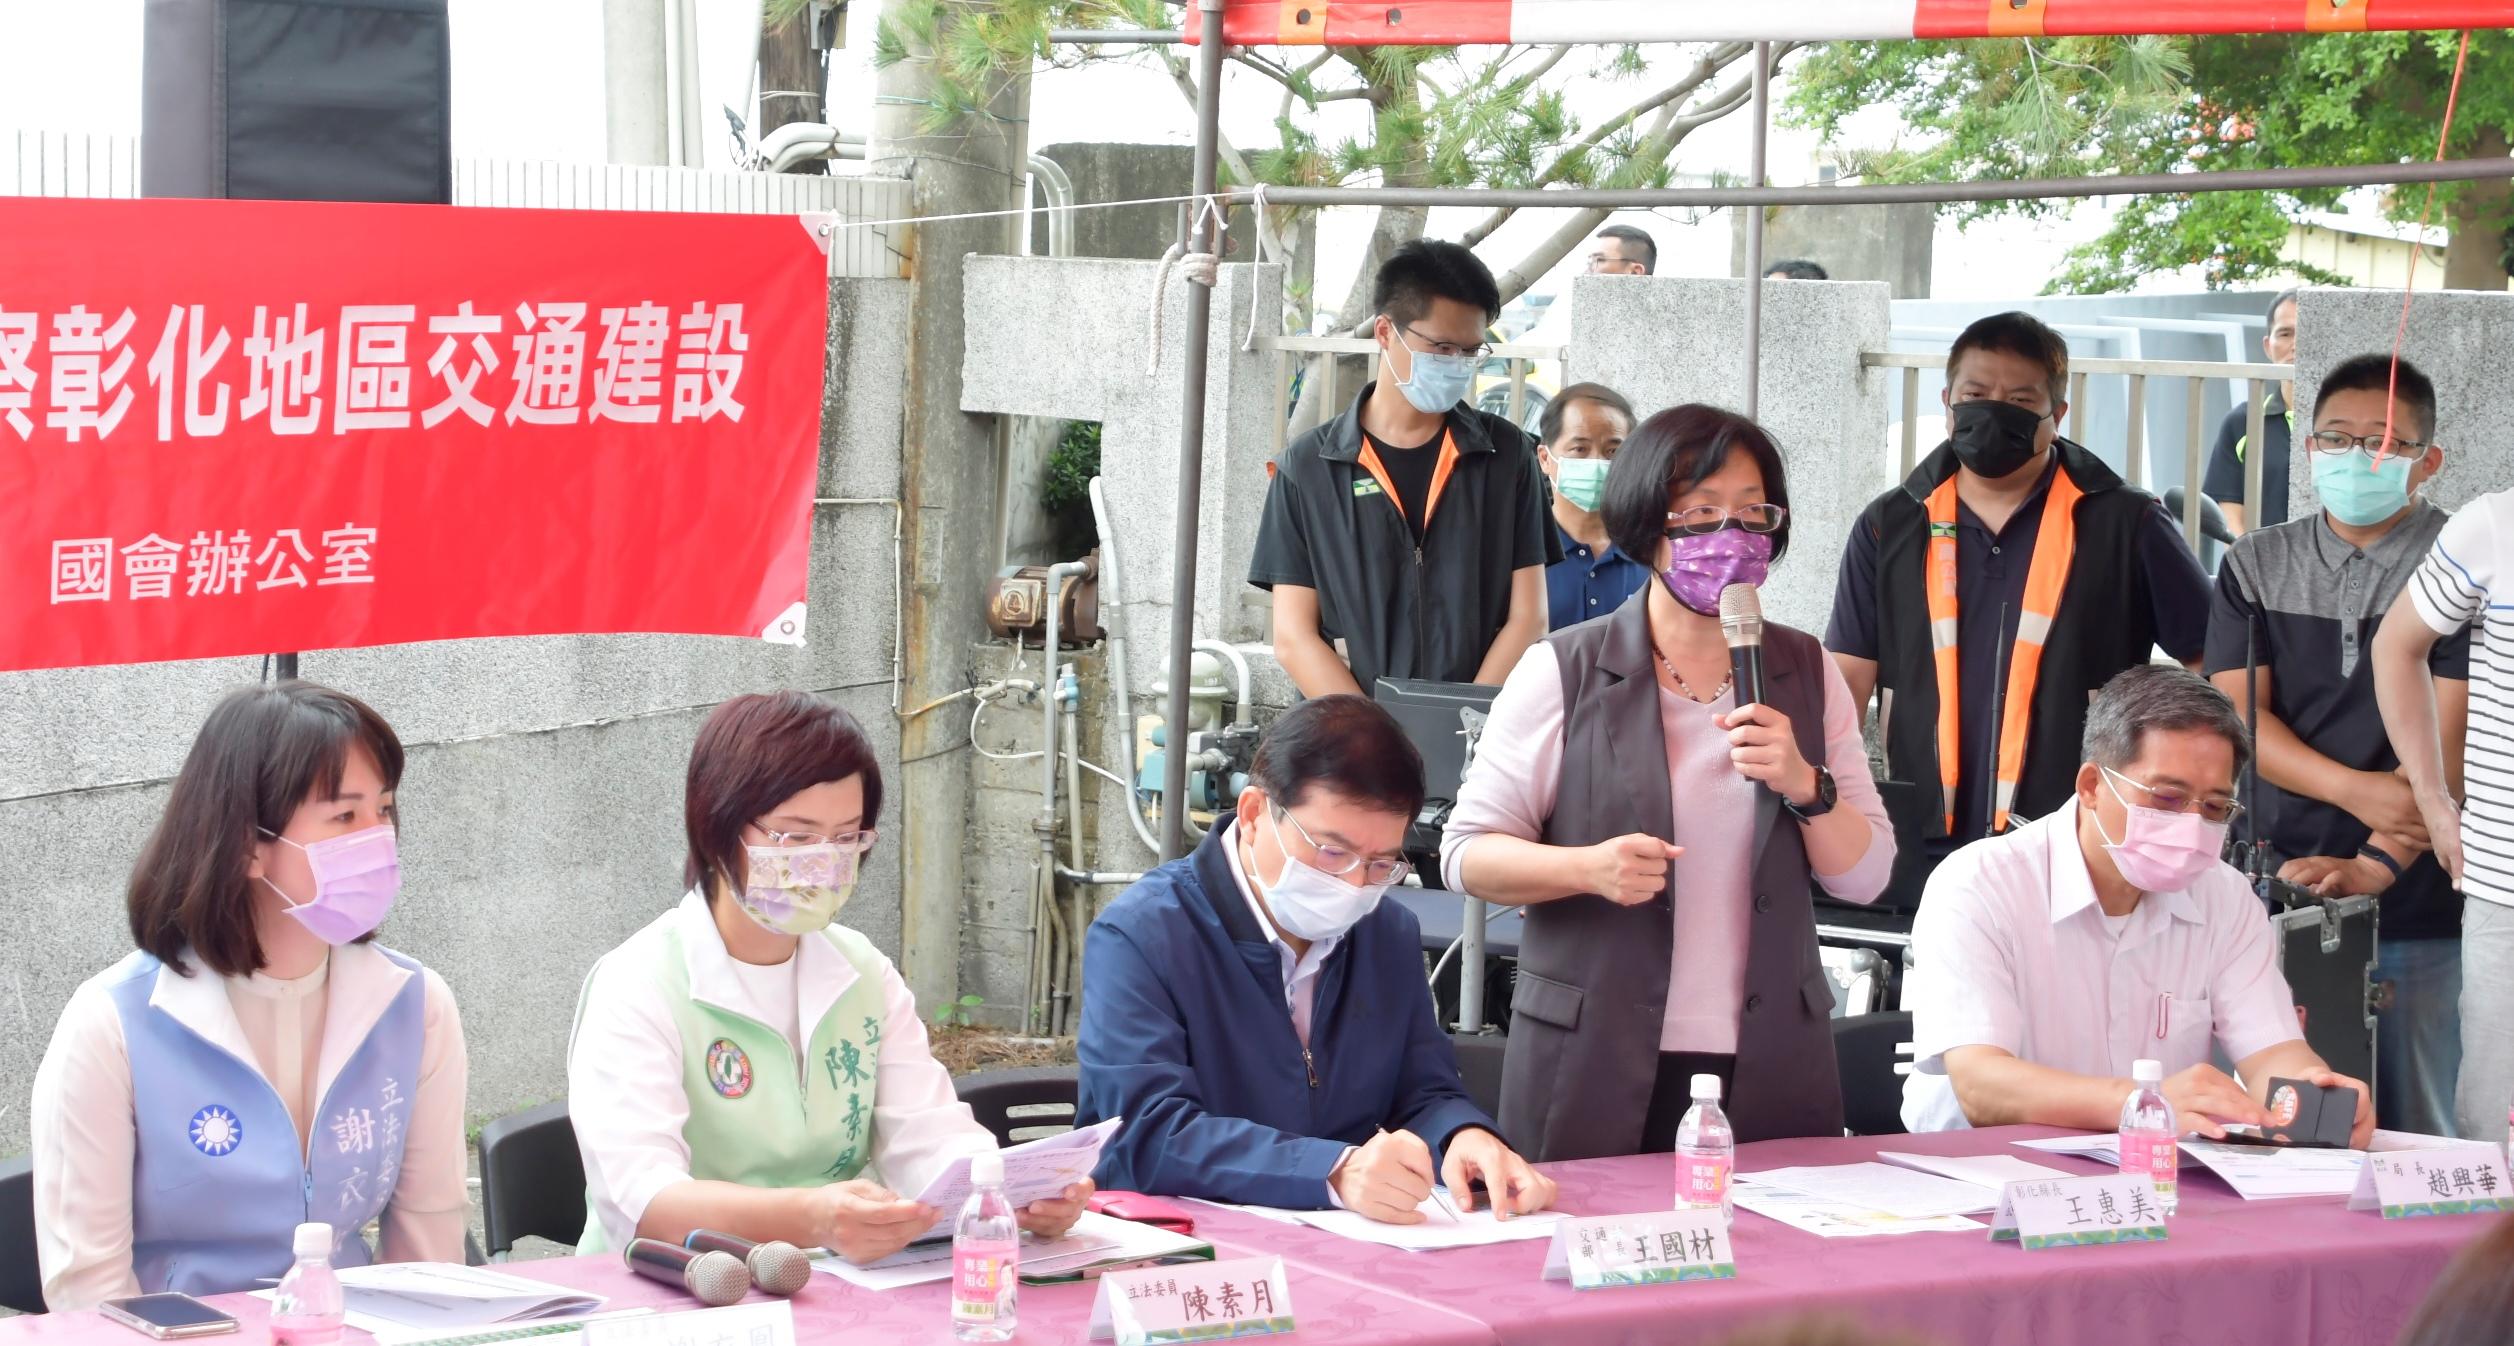 立法院交通委員會考察彰化地區交通建設